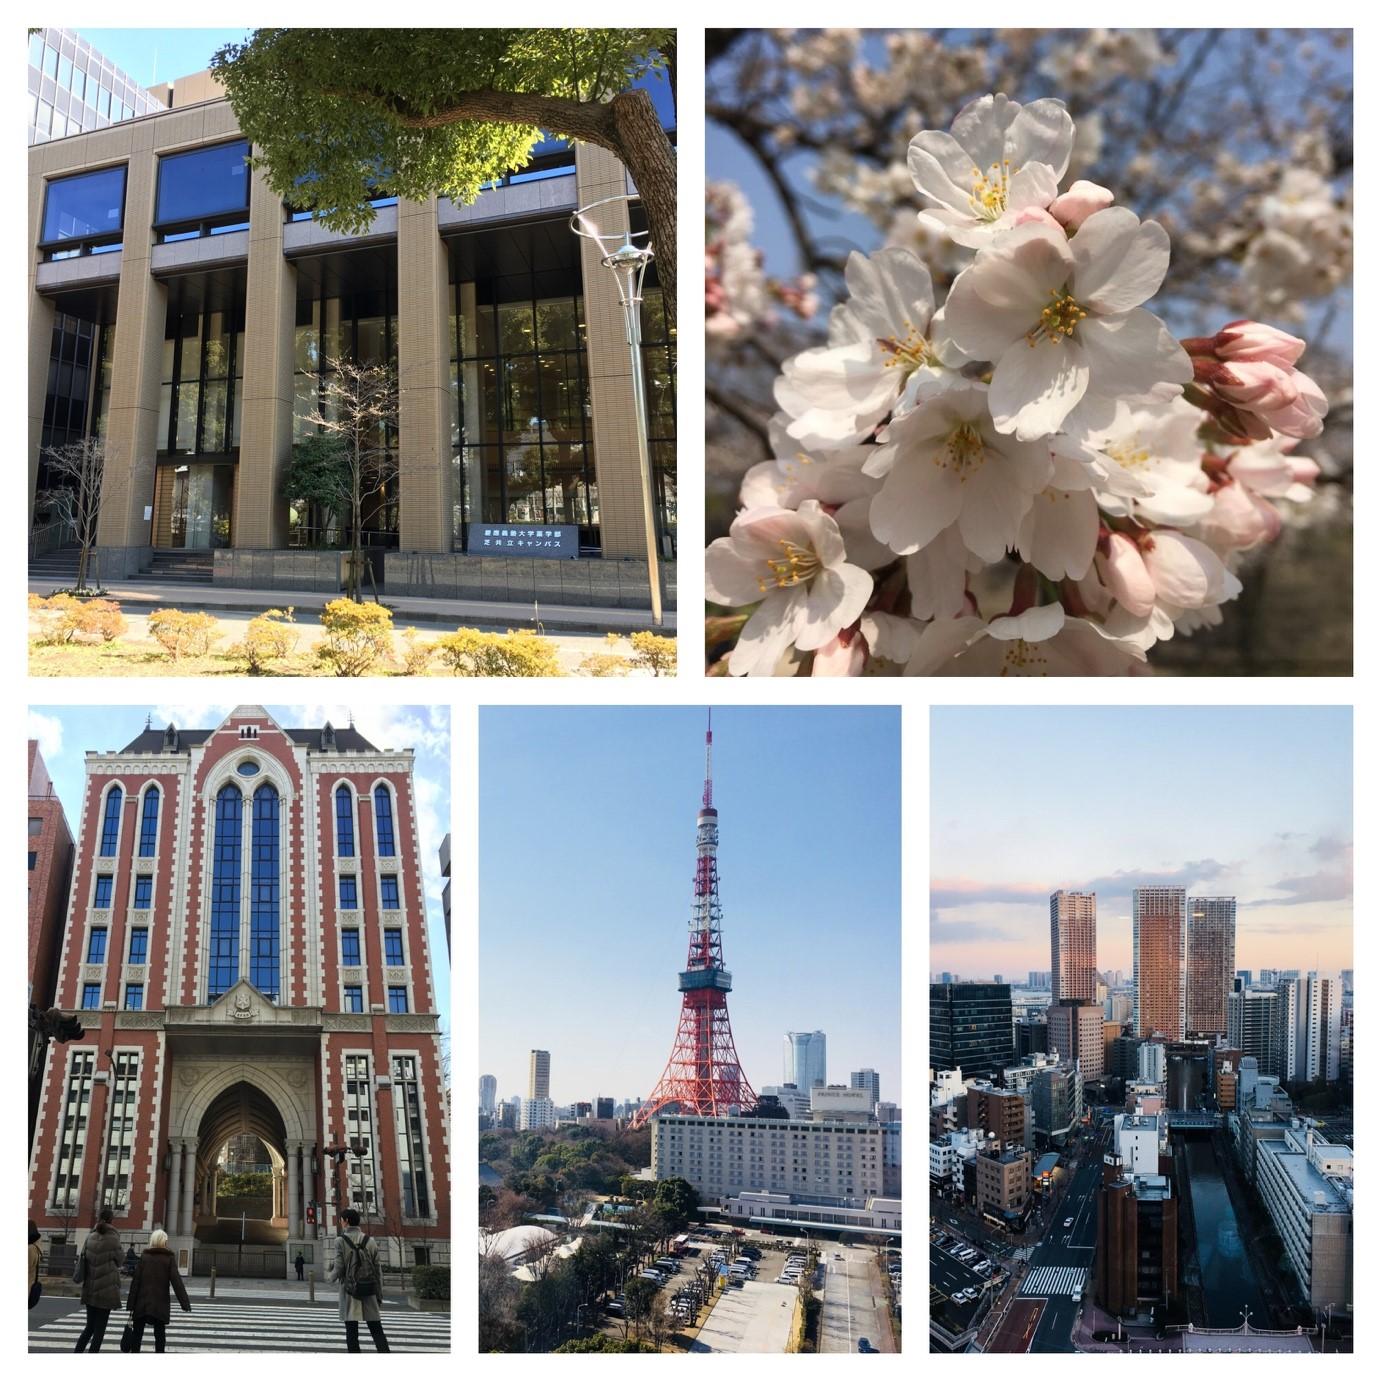 Japan (c)LoanTran